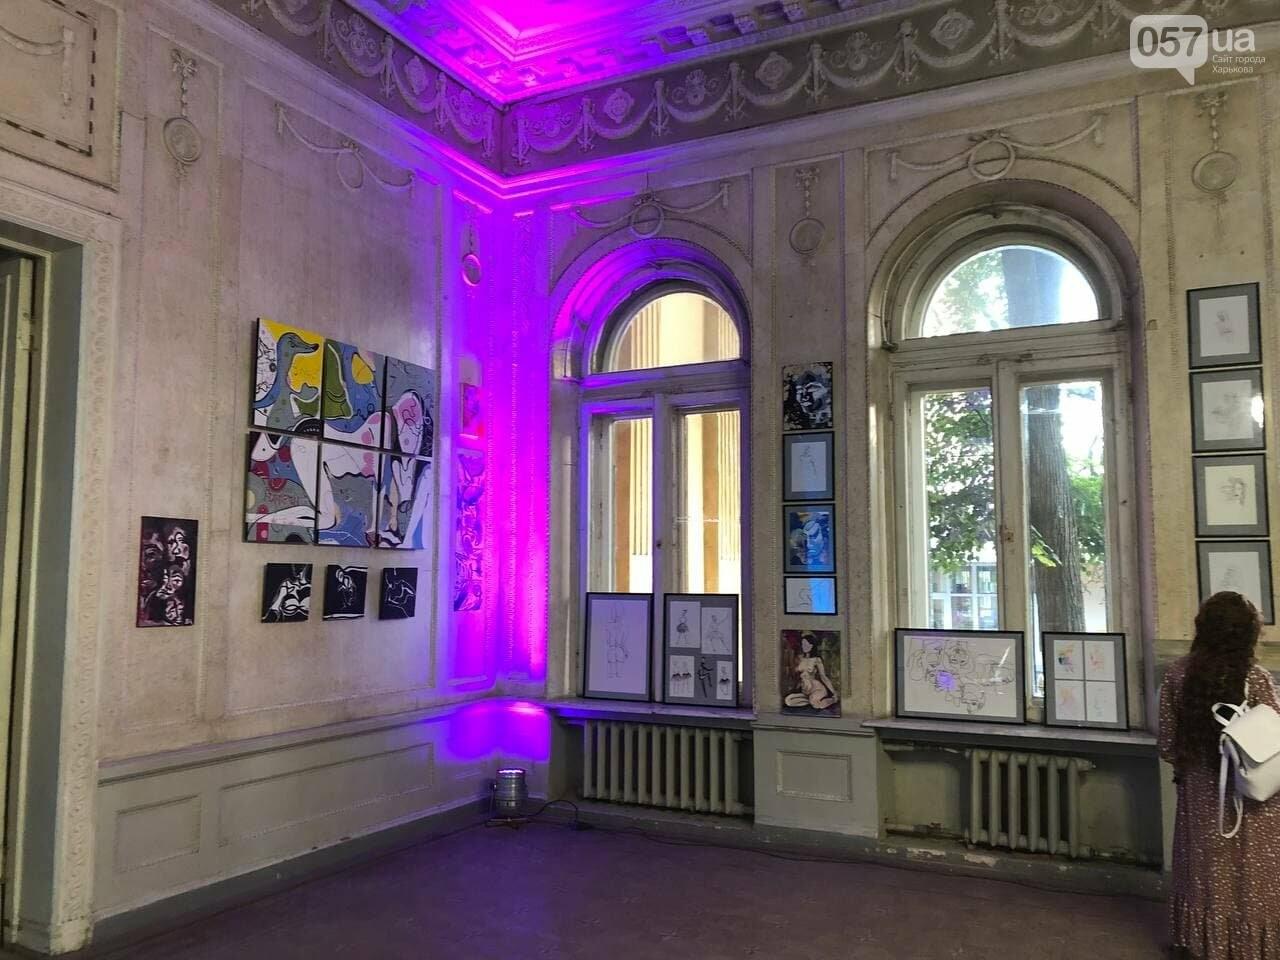 В Харькове прошла благотворительная выставка памяти молодой художницы, скончавшейся от приступа эпилепсии, - ФОТОРЕПОРТАЖ, фото-12